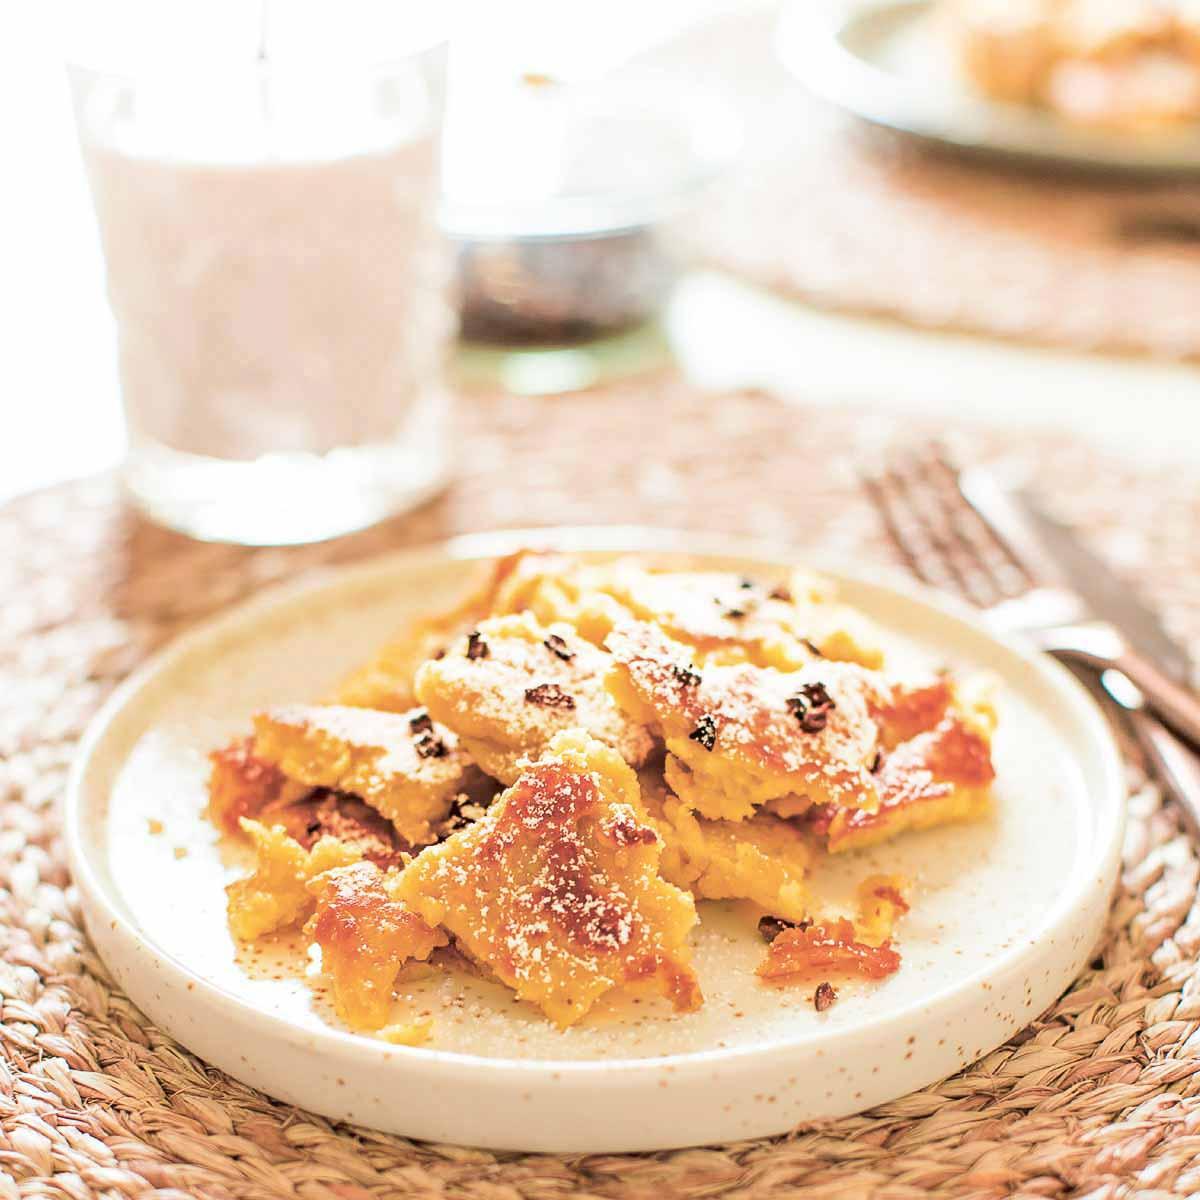 Quinoa-Apfelschmarrn ein-Rezept von Kerstin Niehoff